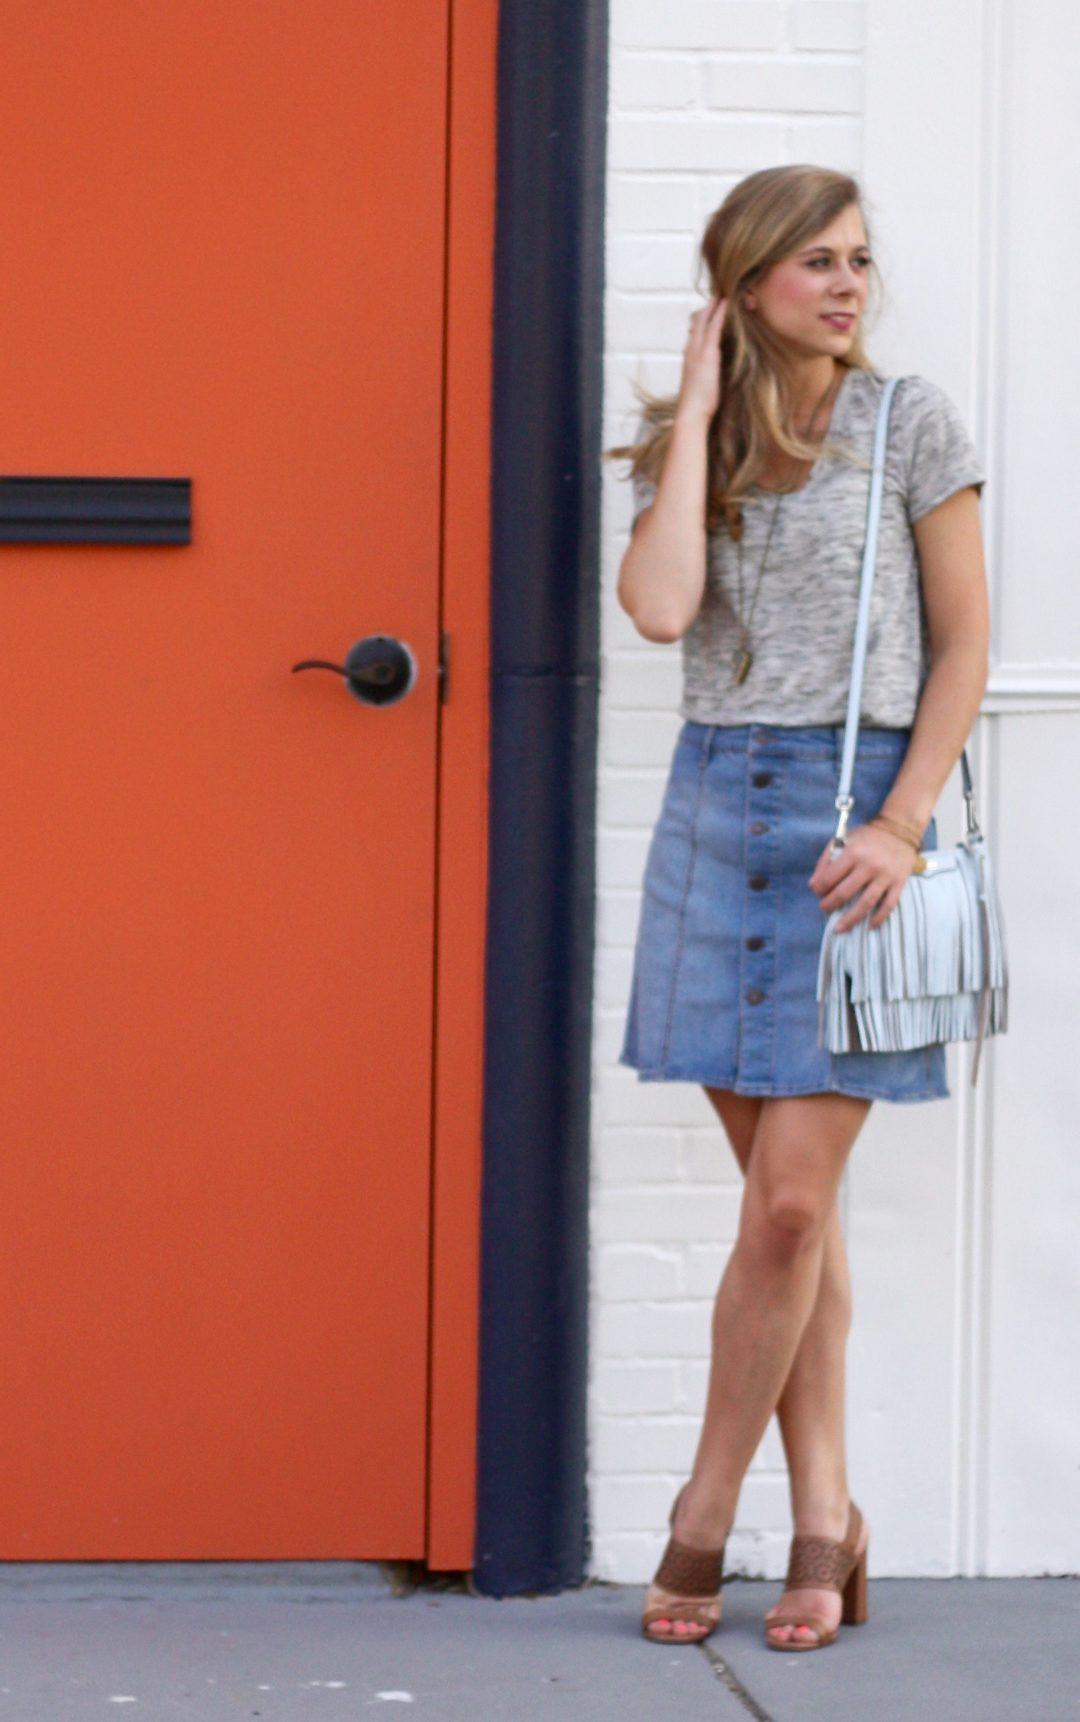 Denim Skirt Casual Weekend Running In Heels